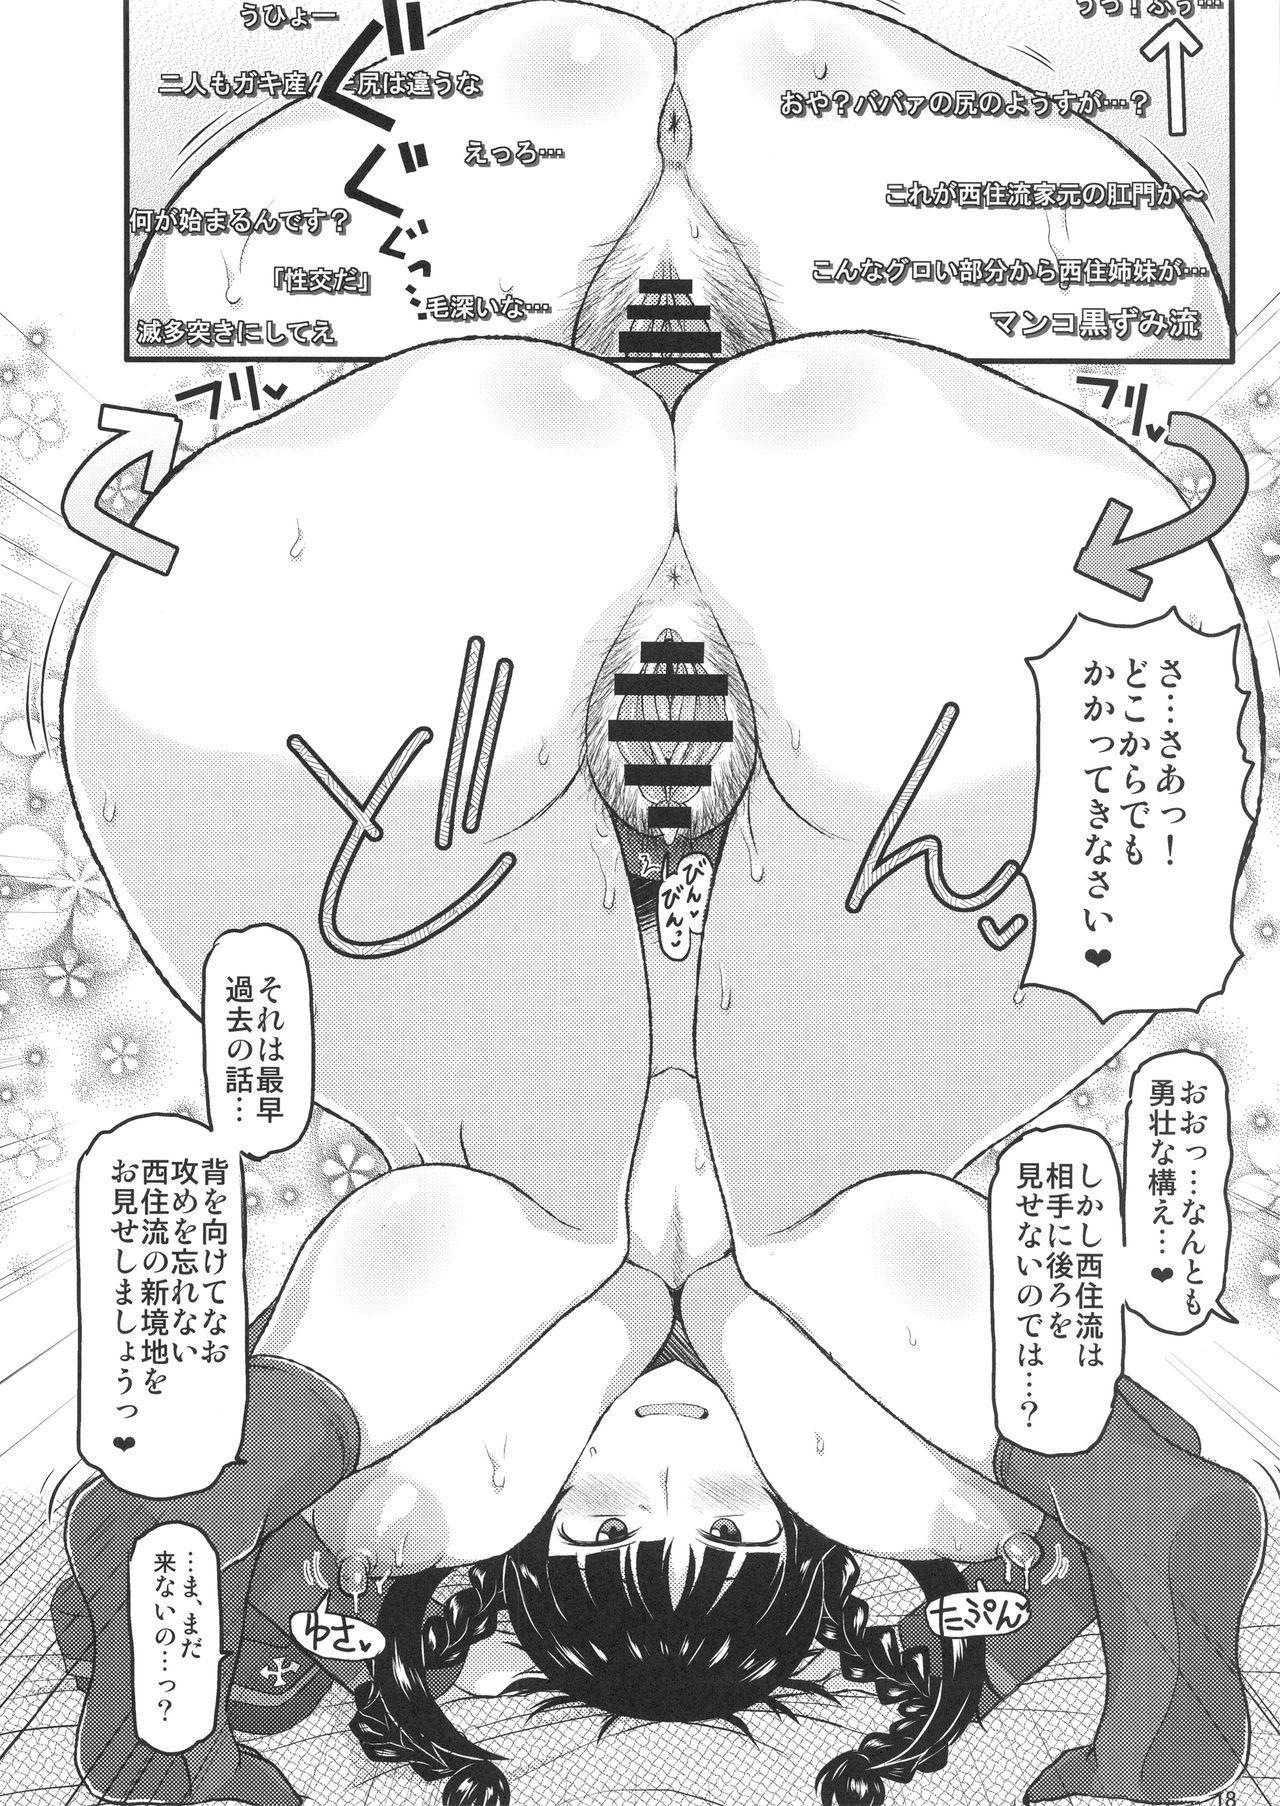 Girl?s & Semen III Nishizumi Shiho no Moteamashita Ureure Body wo Chuunen Chinpo de Soutou Sakusen! Iemoto Ransou ni Idenshi Seichuu Butai Shinkou Kaishi 18